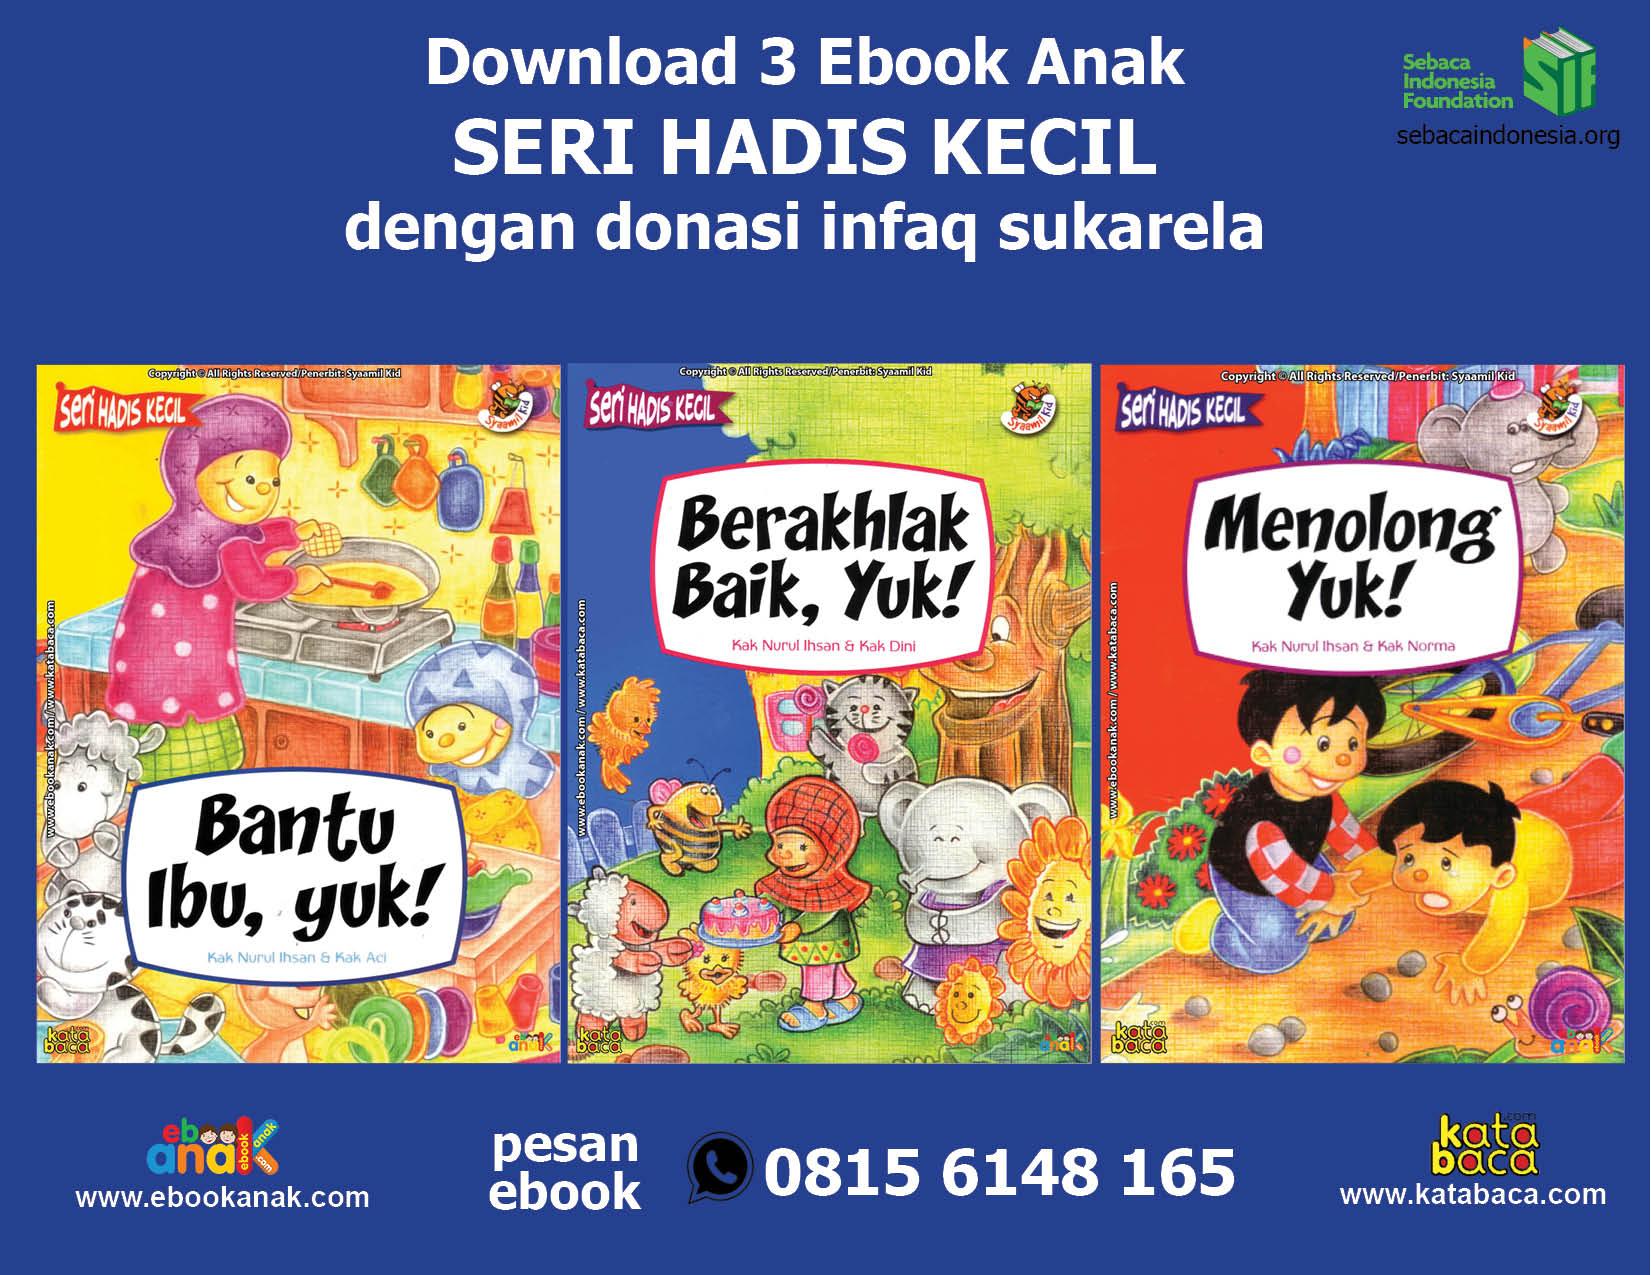 download tiga ebook seri hadis kecil dengan donasi infak sukarela